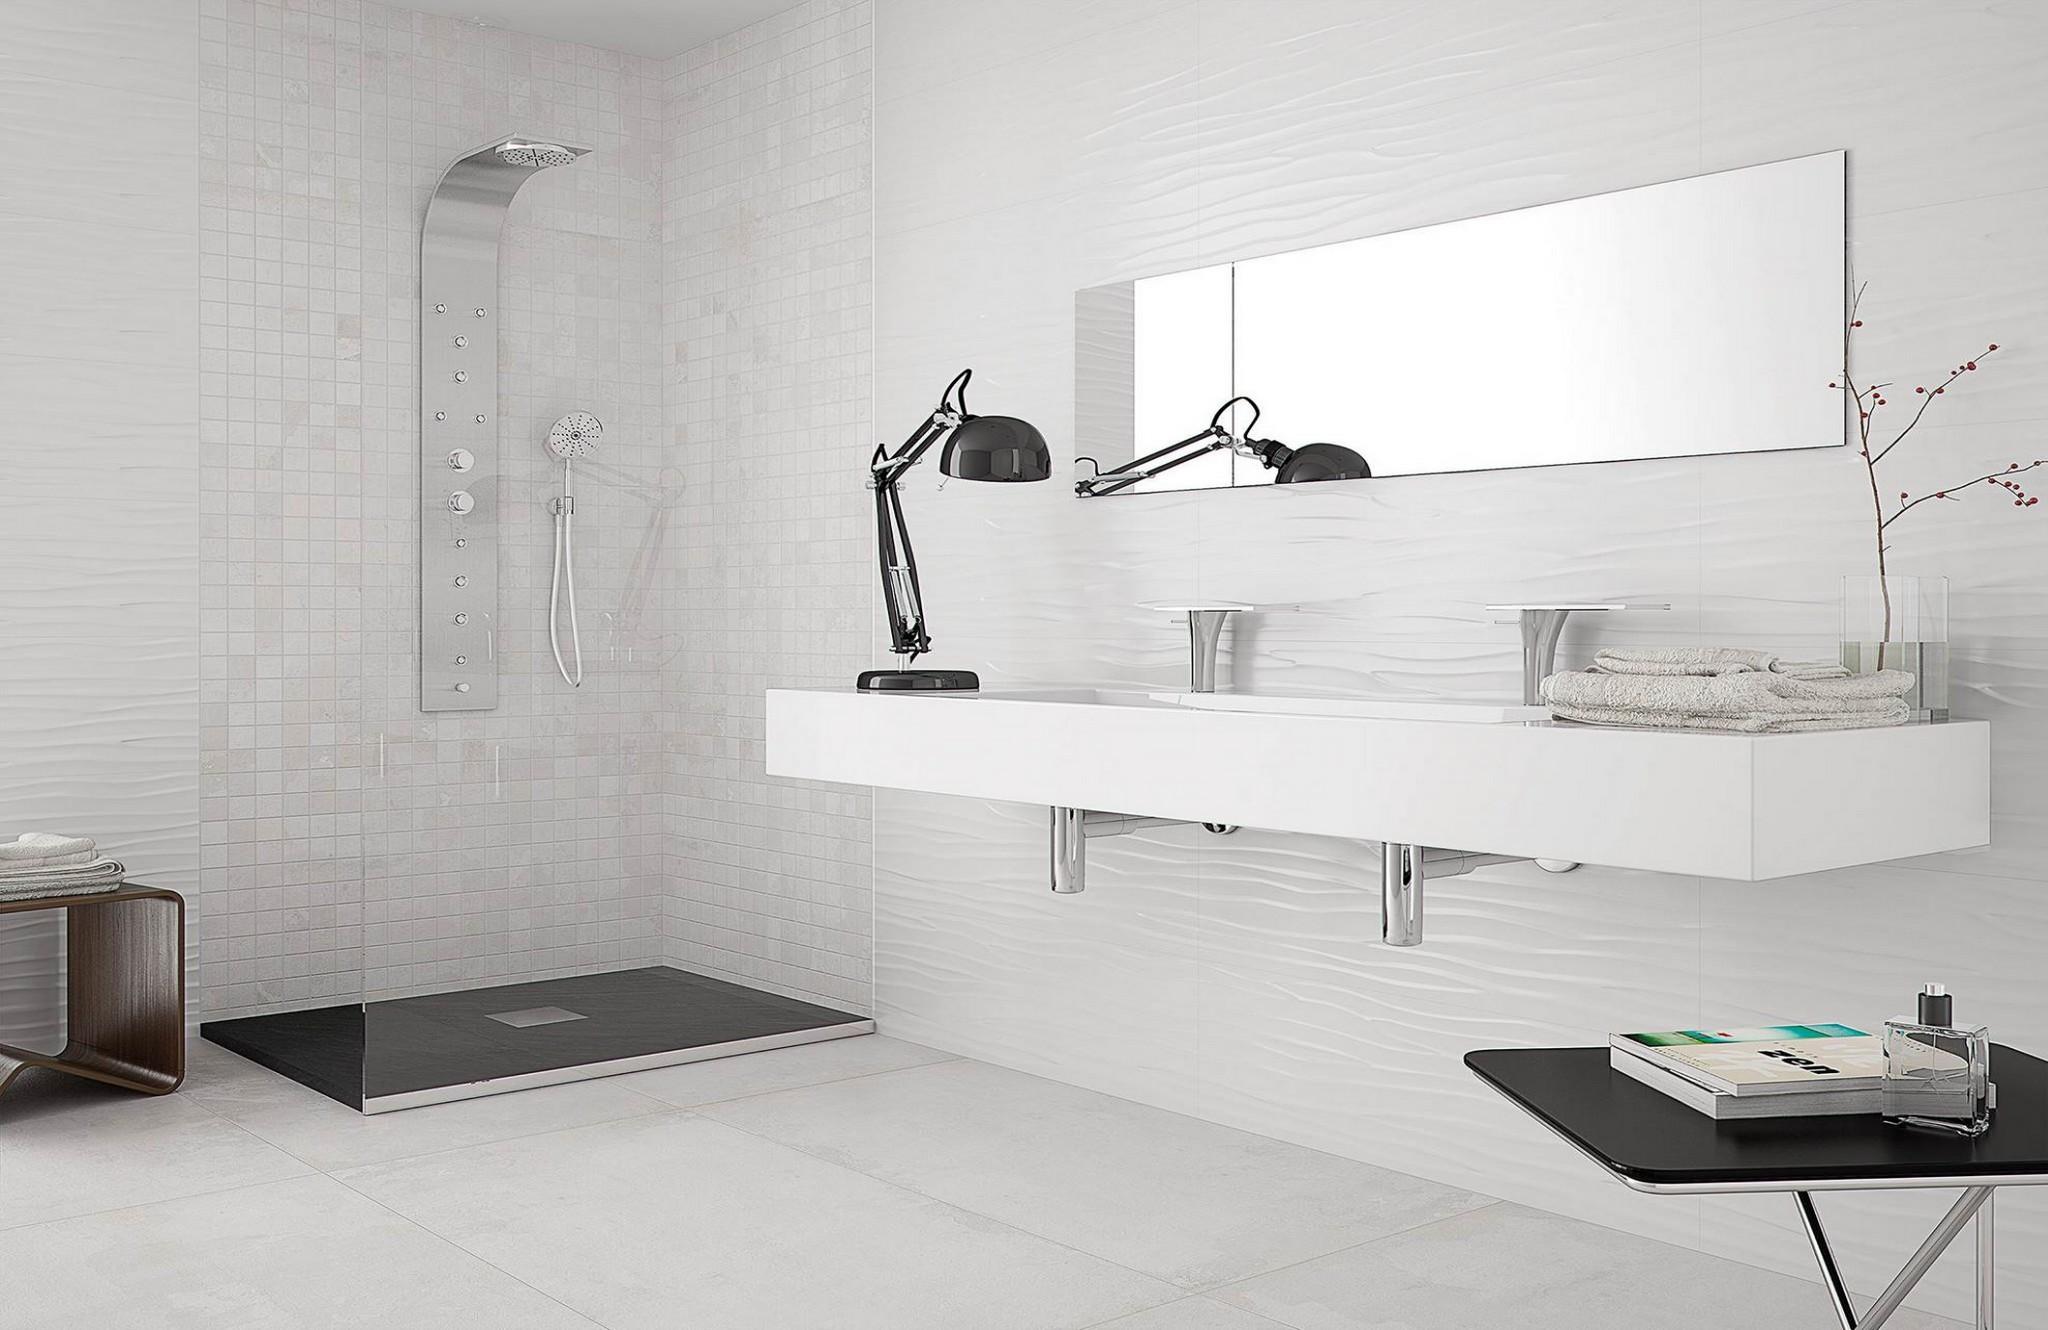 Faience salle de bain CIFRE - serie glacier 166.166x166 rectifié 16° choix